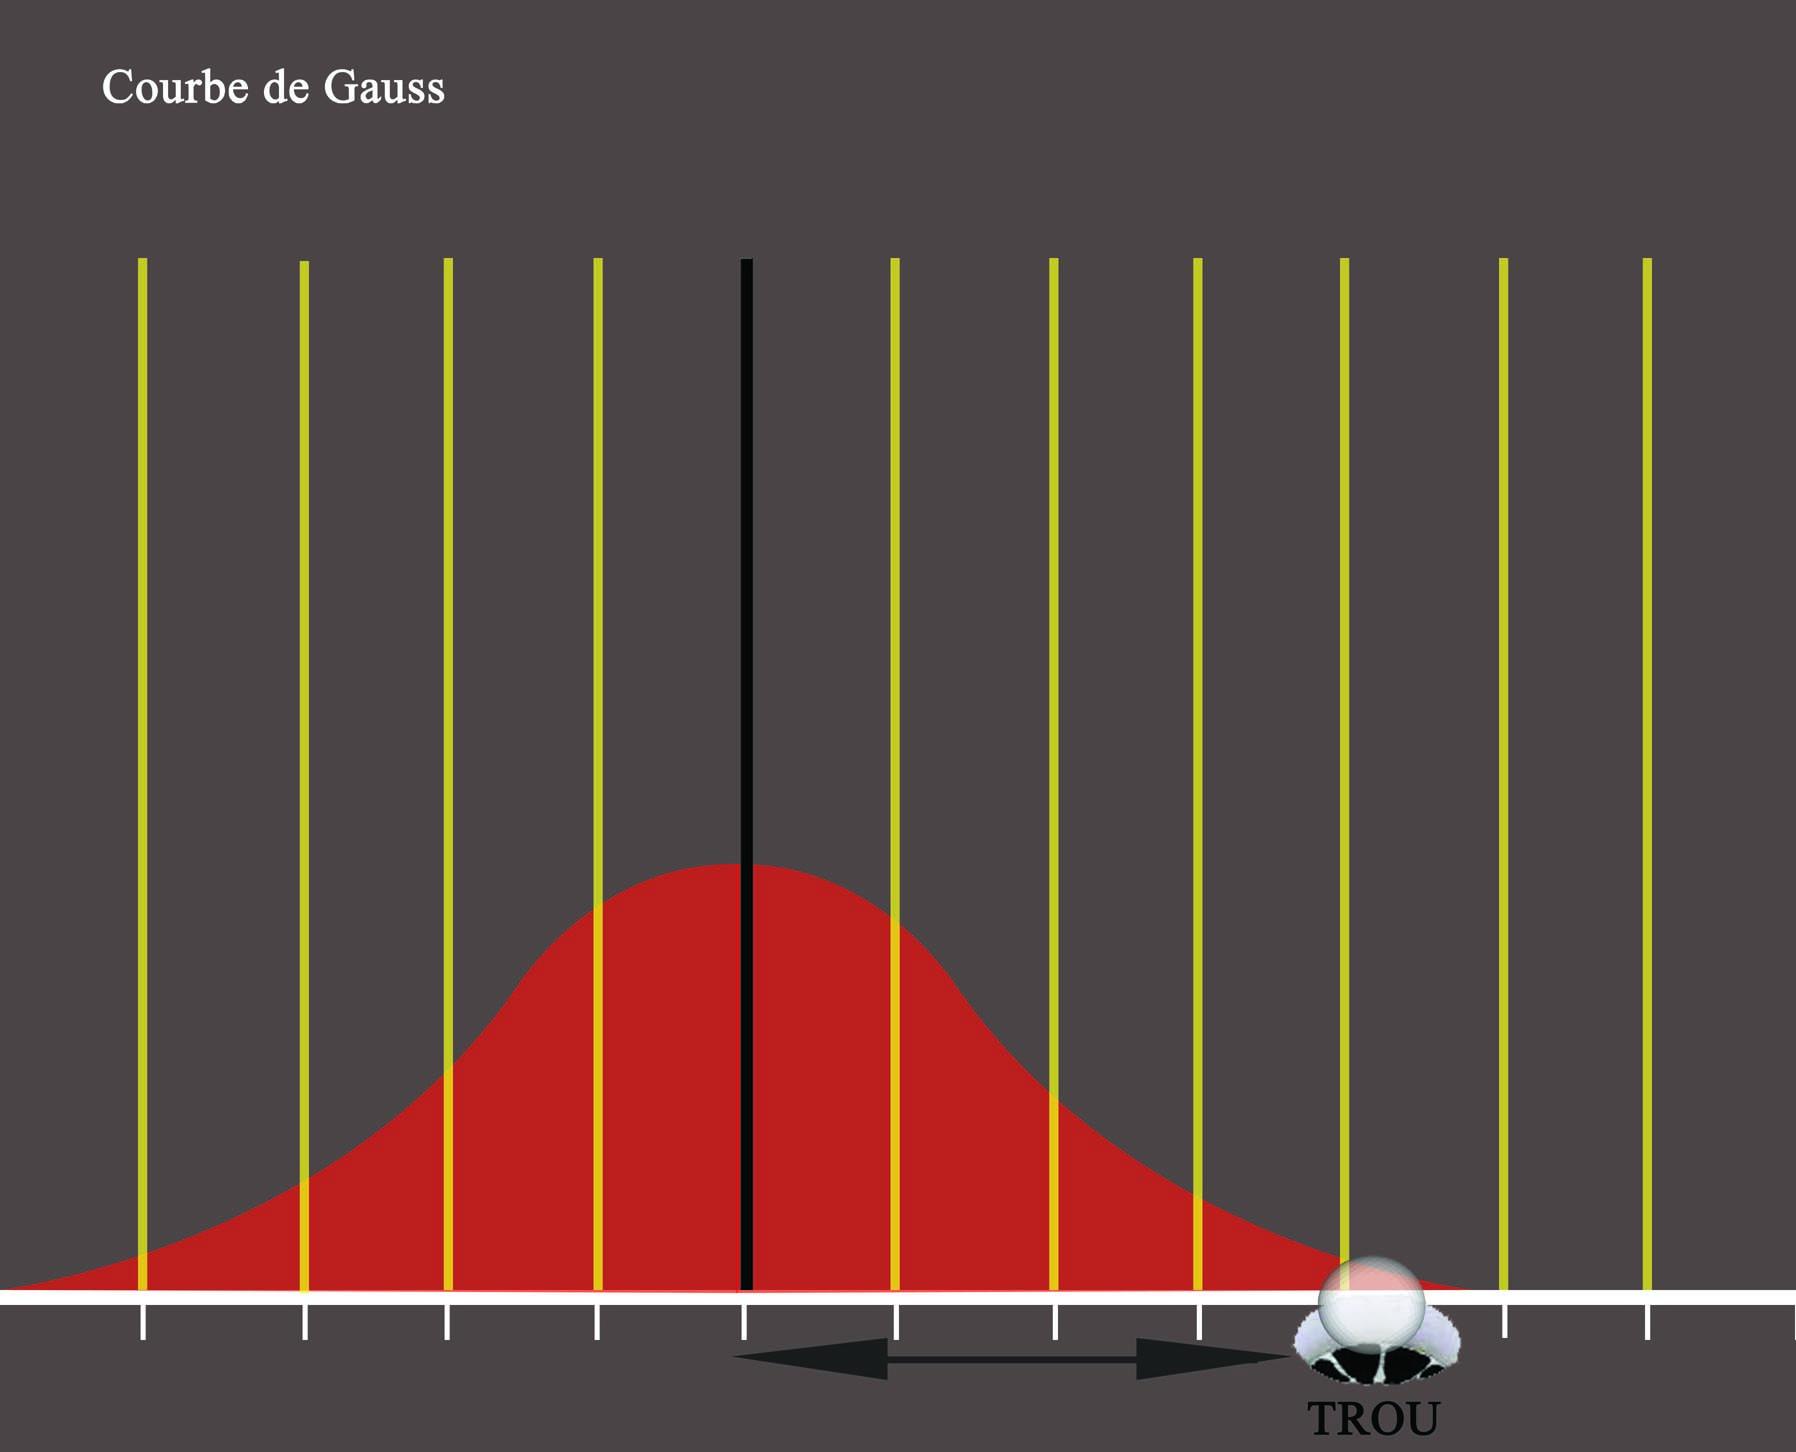 Courbe de Gauss